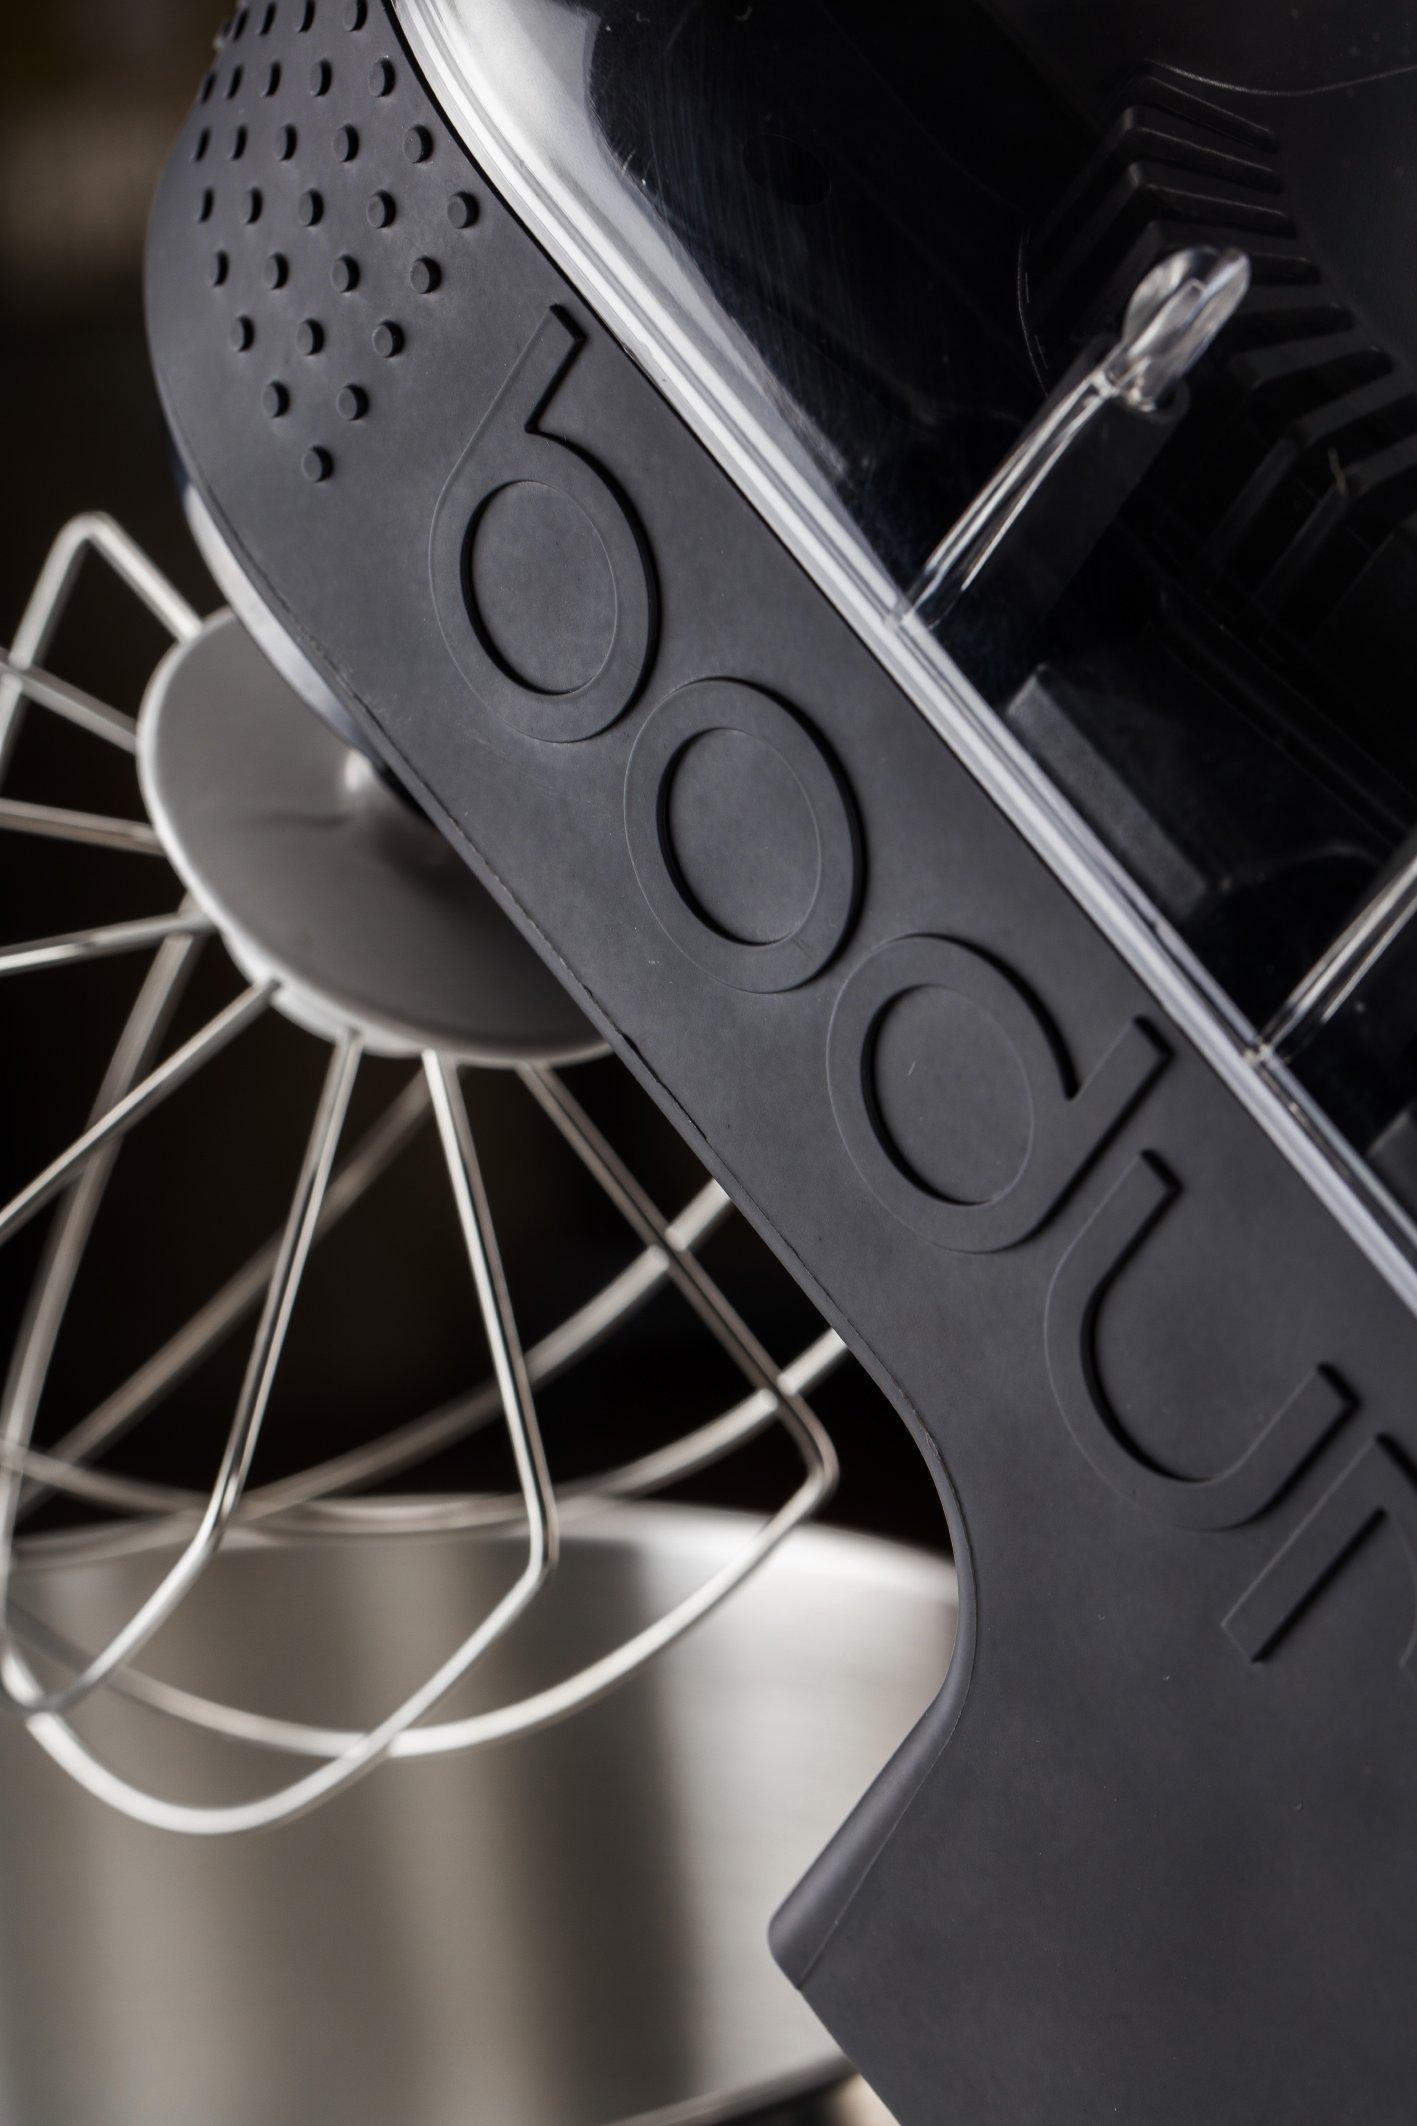 Bodum-Bistro-elektrische-Kchenmaschine